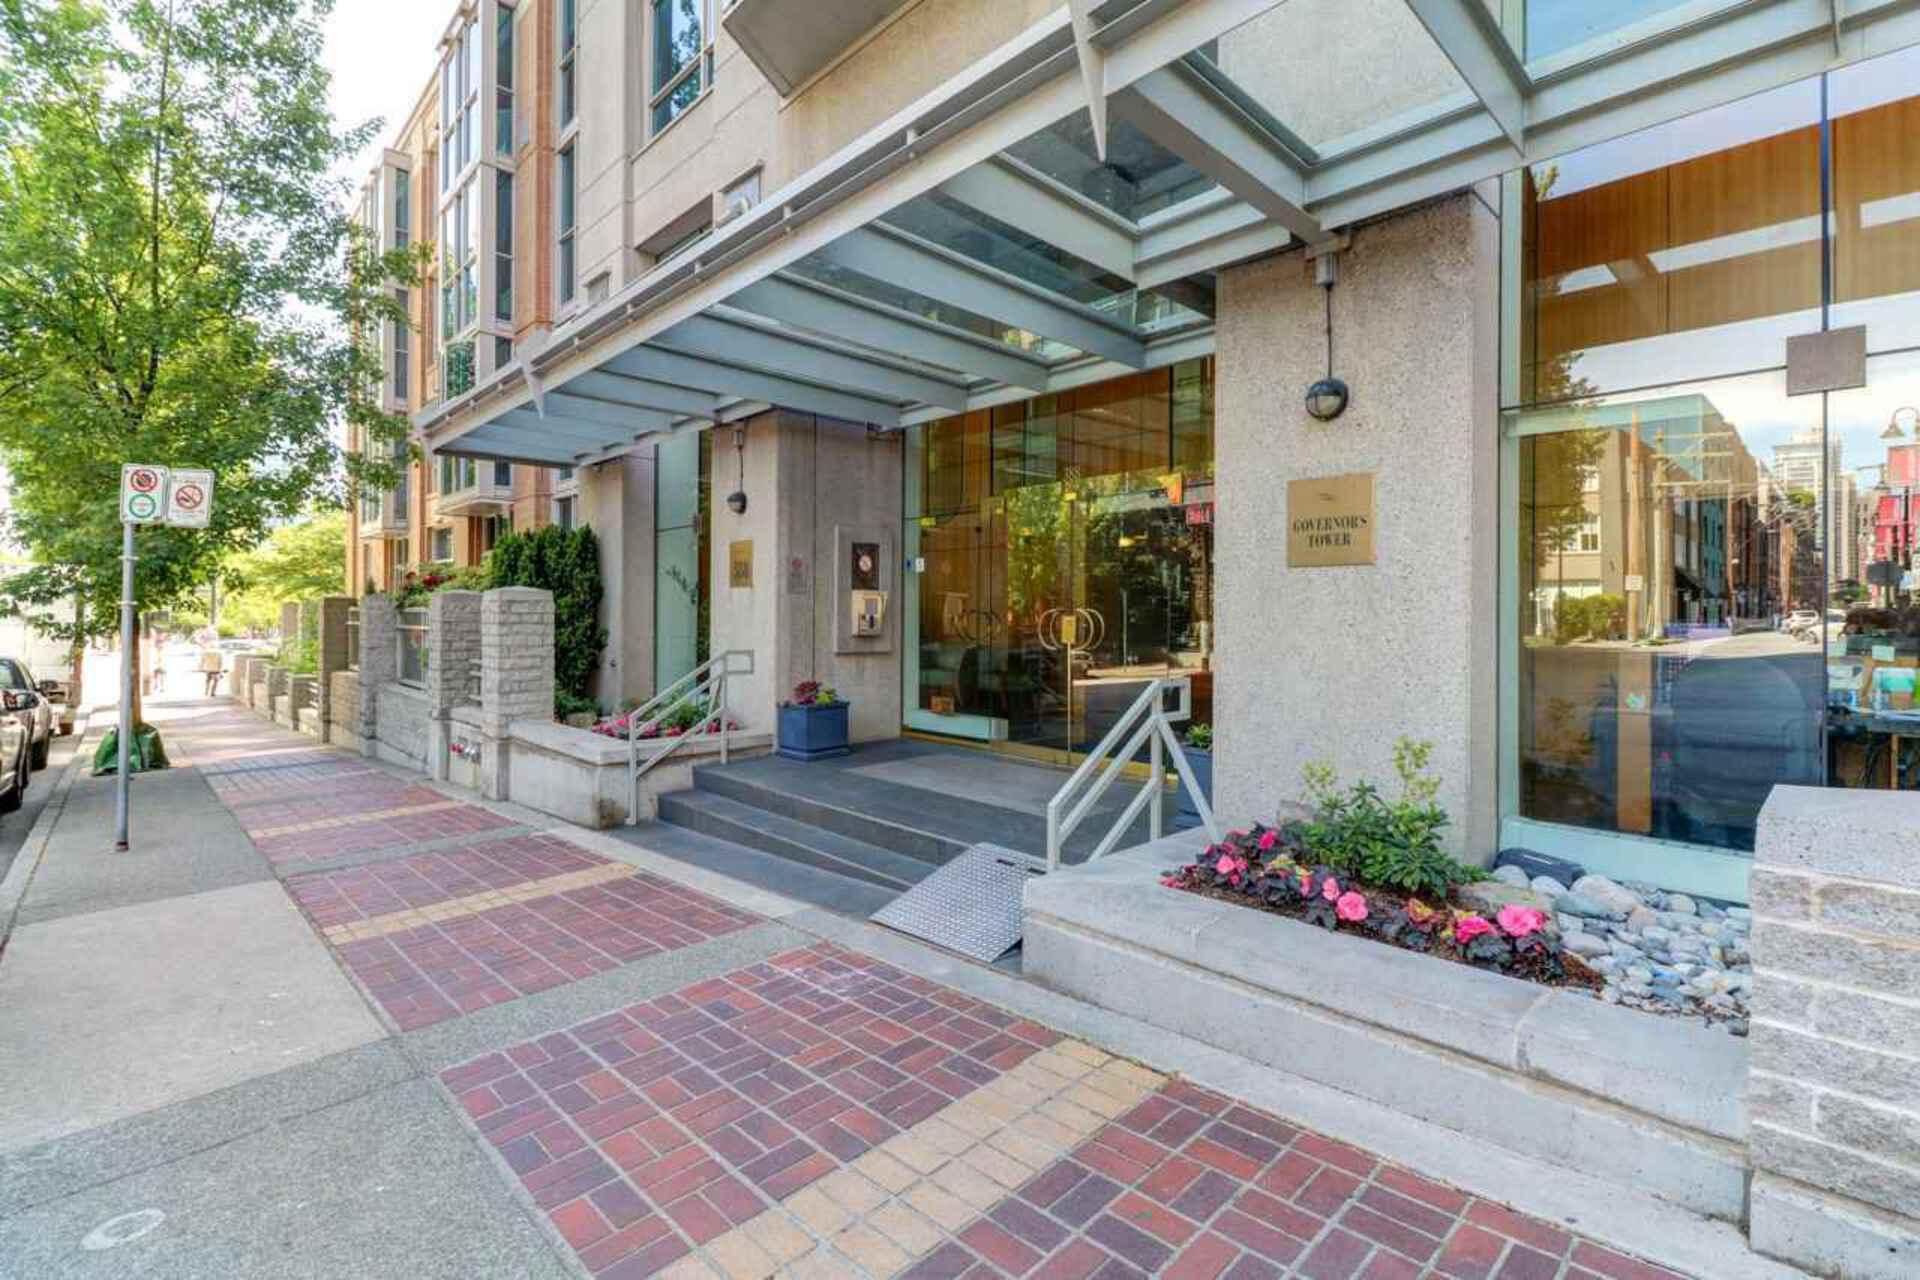 388-drake-street-yaletown-vancouver-west-33 at 103 - 388 Drake Street, Yaletown, Vancouver West